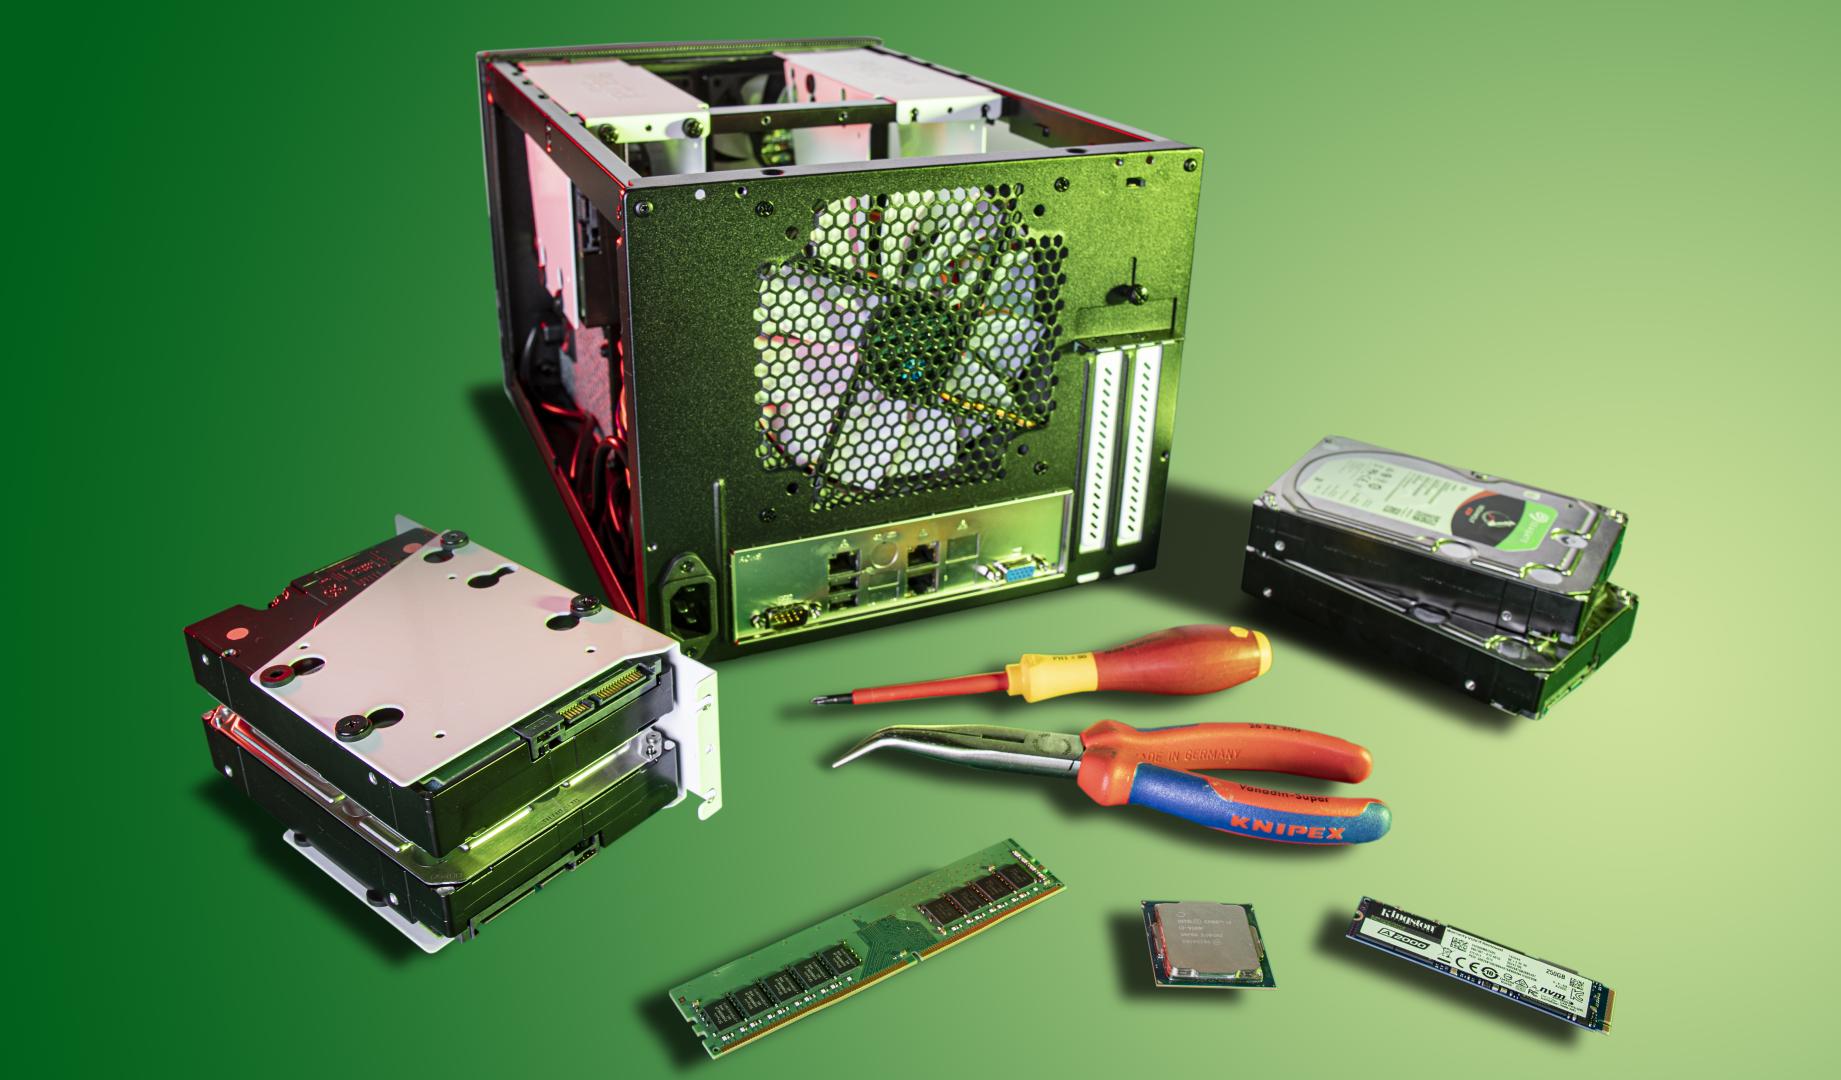 thuisserver bouwen opslagruimte ECC geheugen BCM IPMI